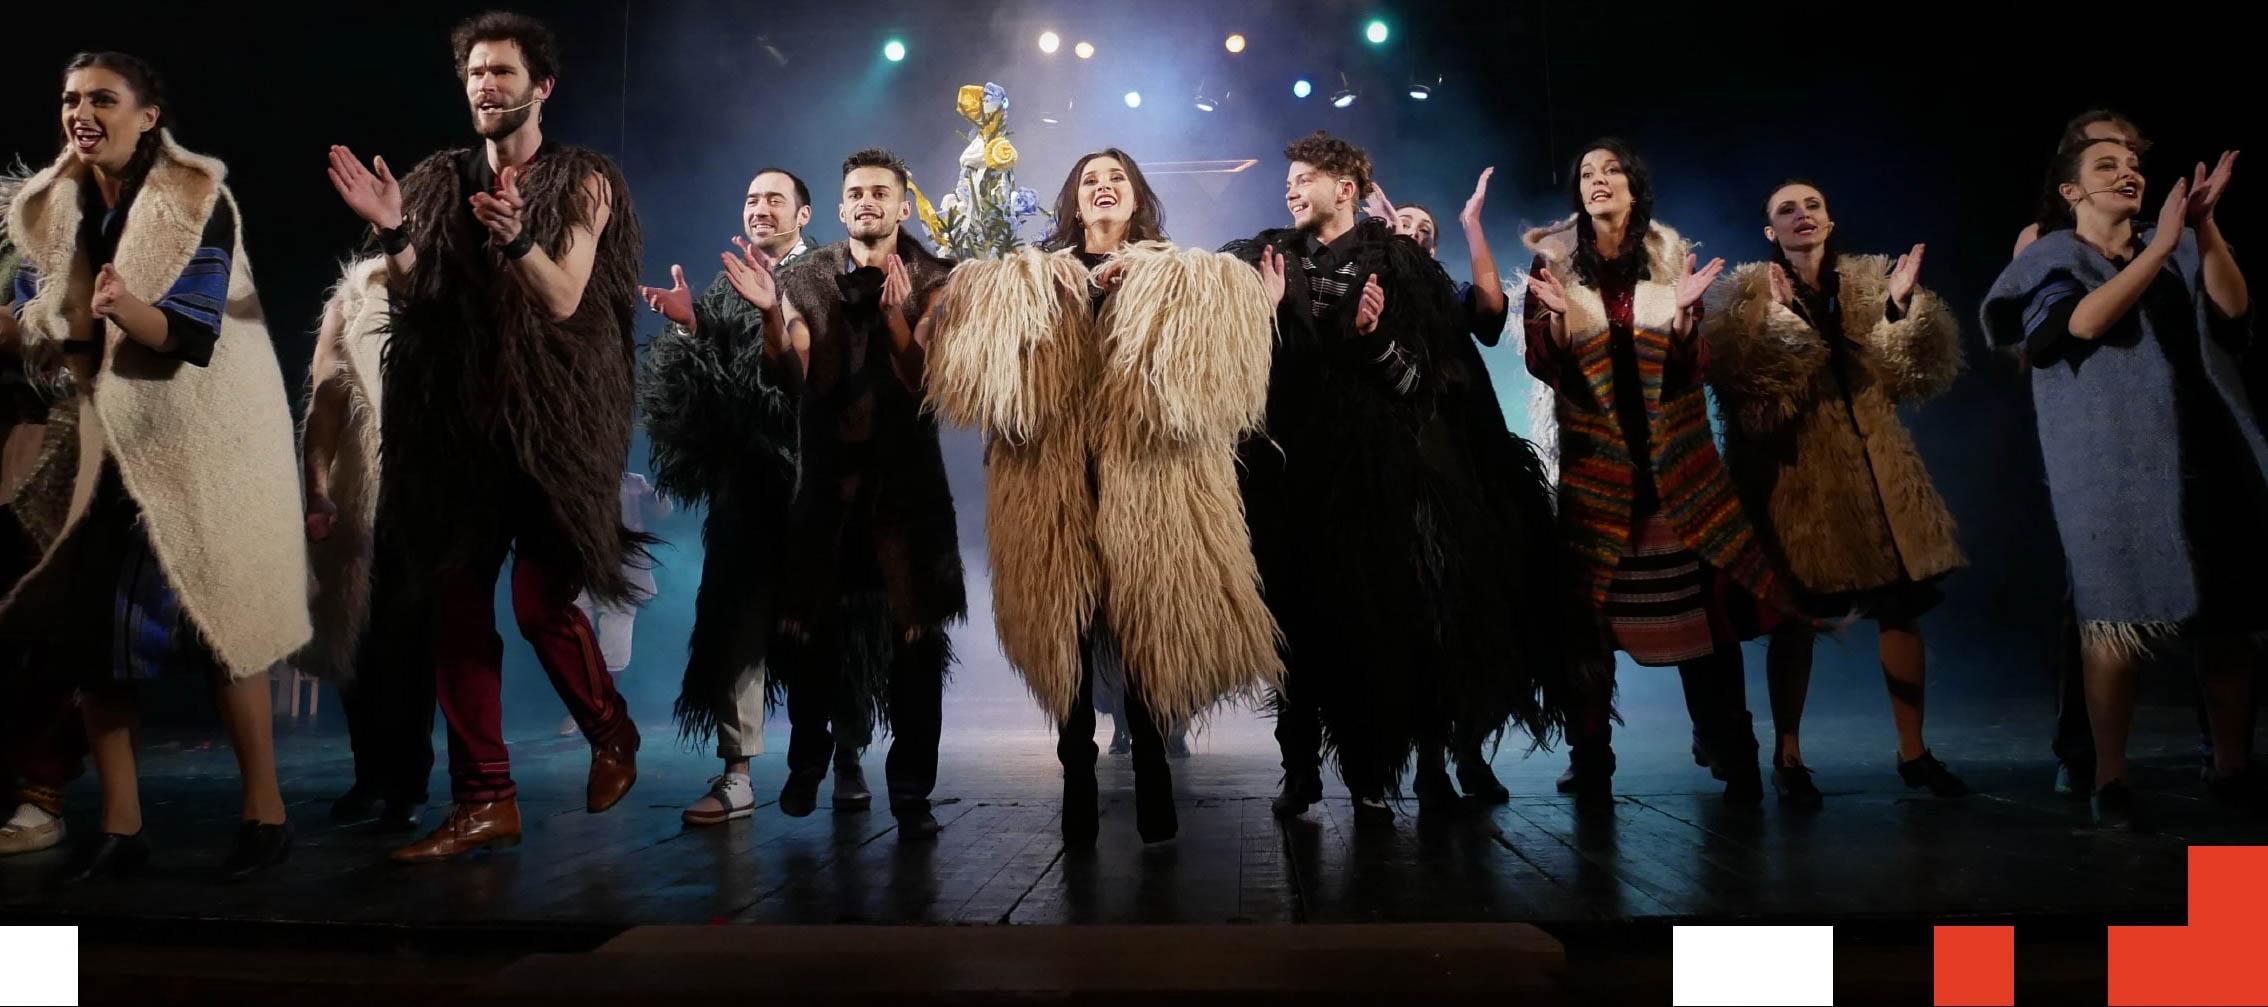 Франківський драмтеатр відсвяткував 80-річчя феєричним концертом (ФОТО)